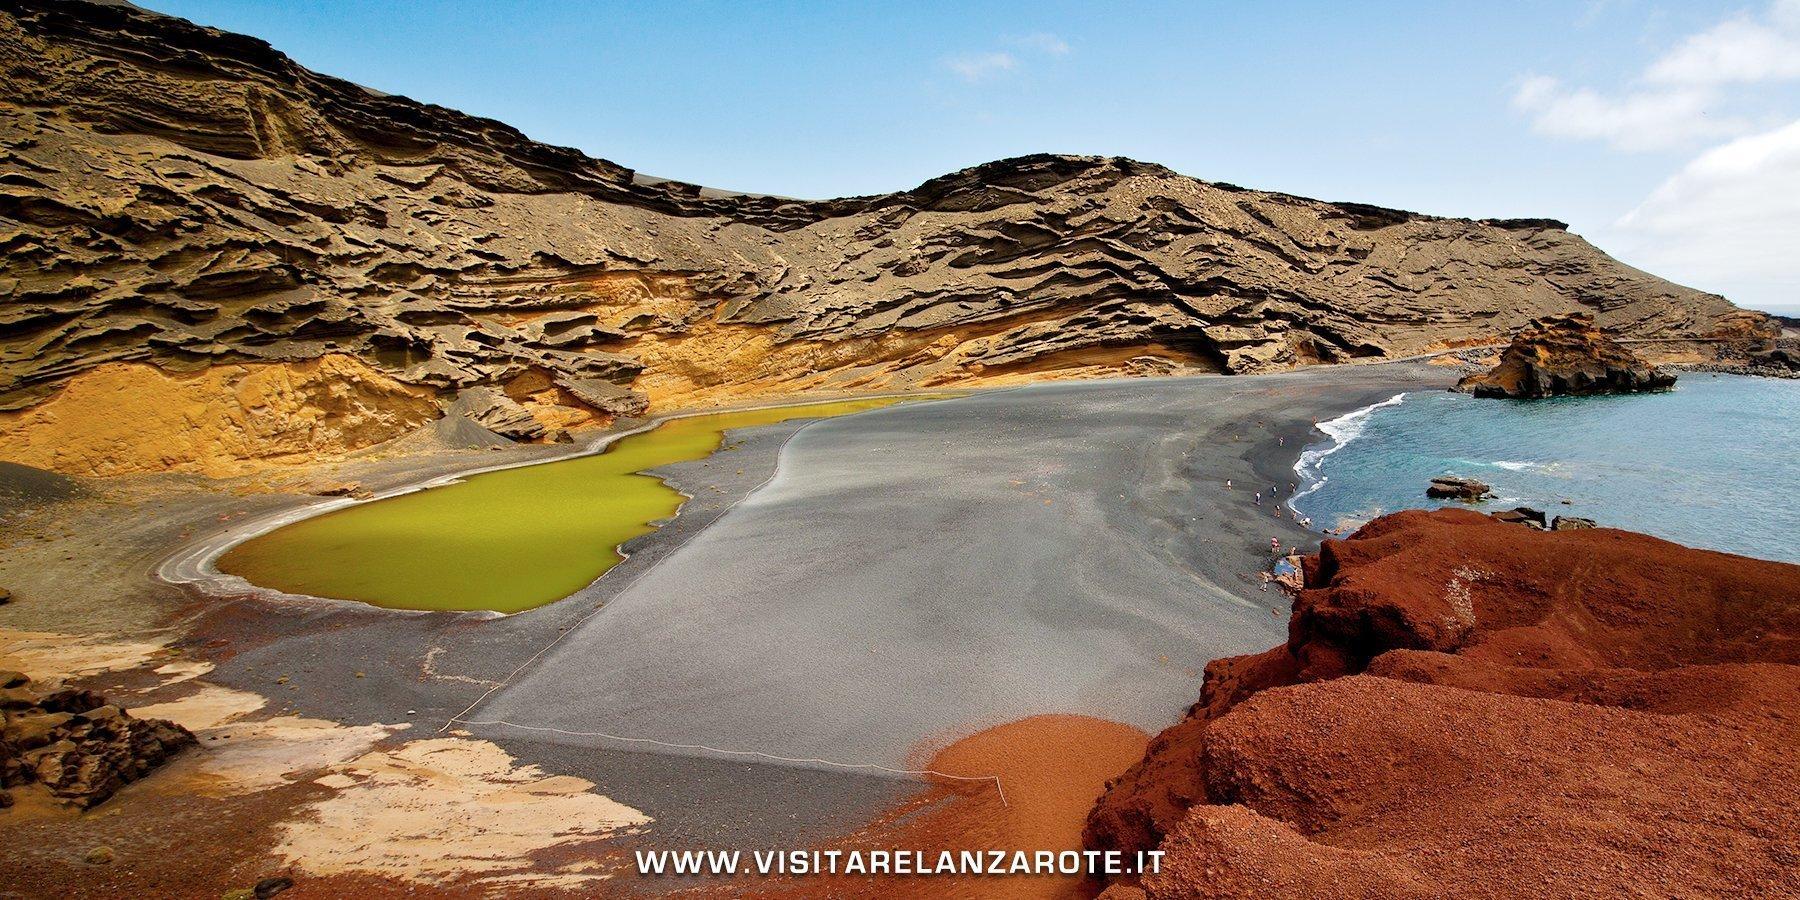 Charco de los Clicos lago verde Lanzarote